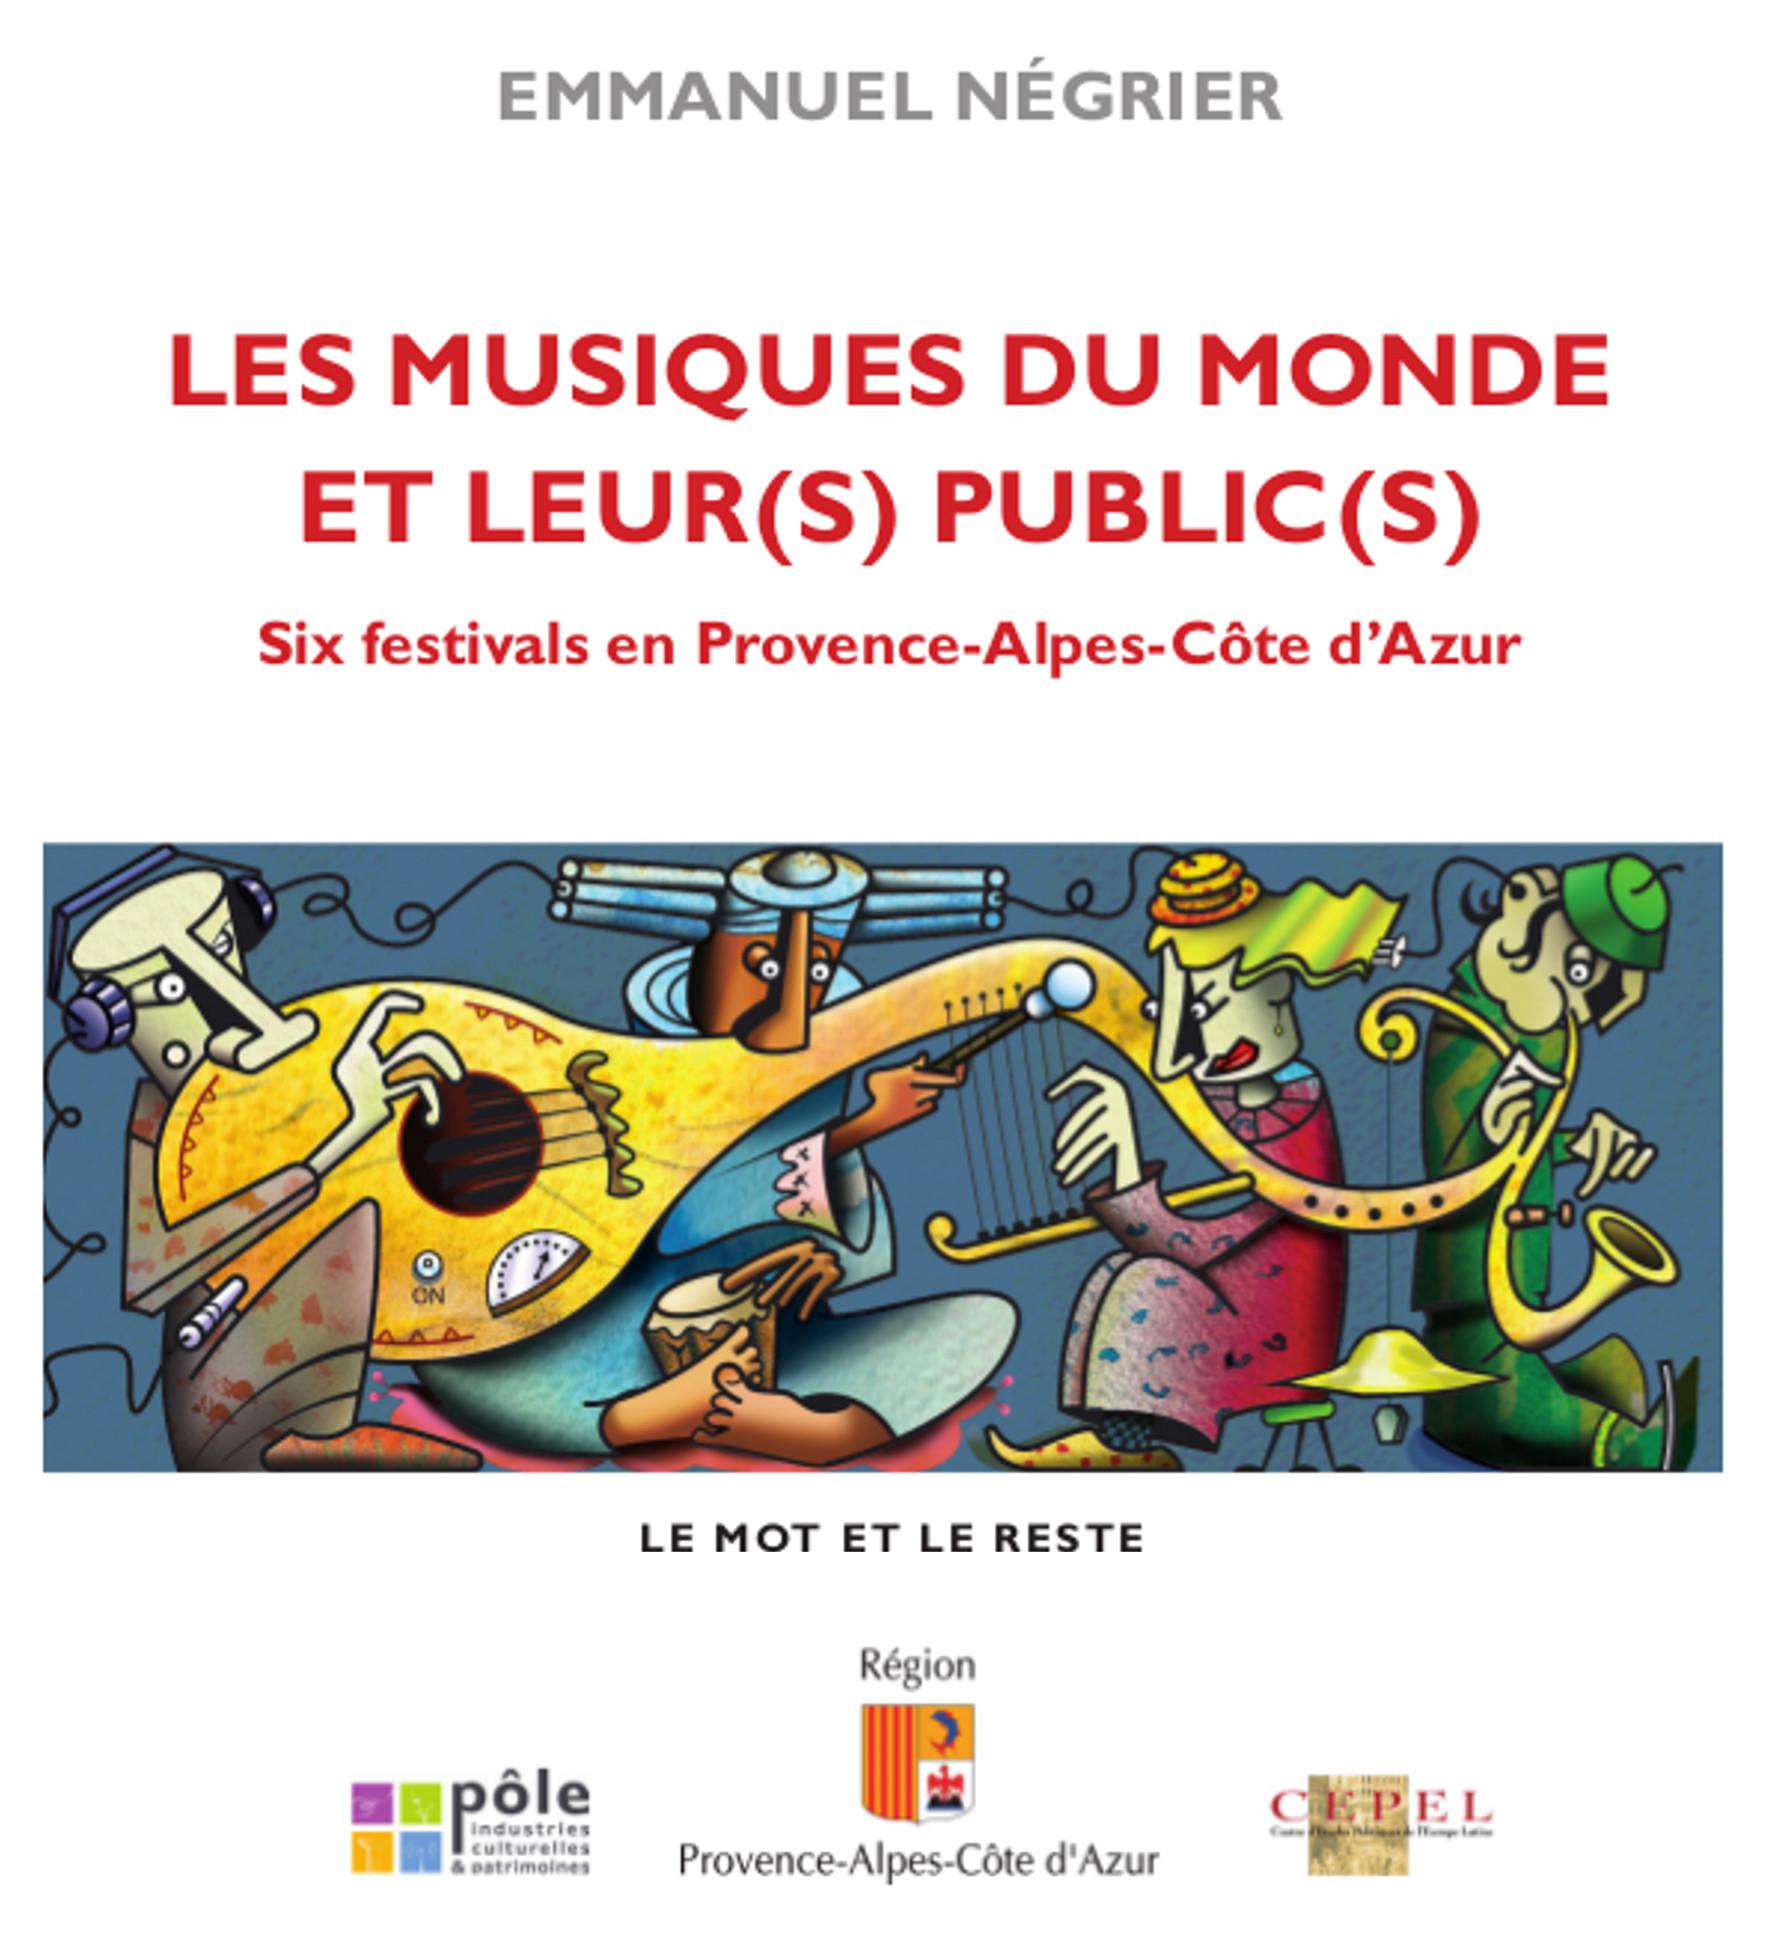 Les Musiques du monde et leur(s) public(s) - Six festivals en Provence-Alpes-Côte d'Azur - Emmanuel Négrier - Ed. Le Mot et le Reste